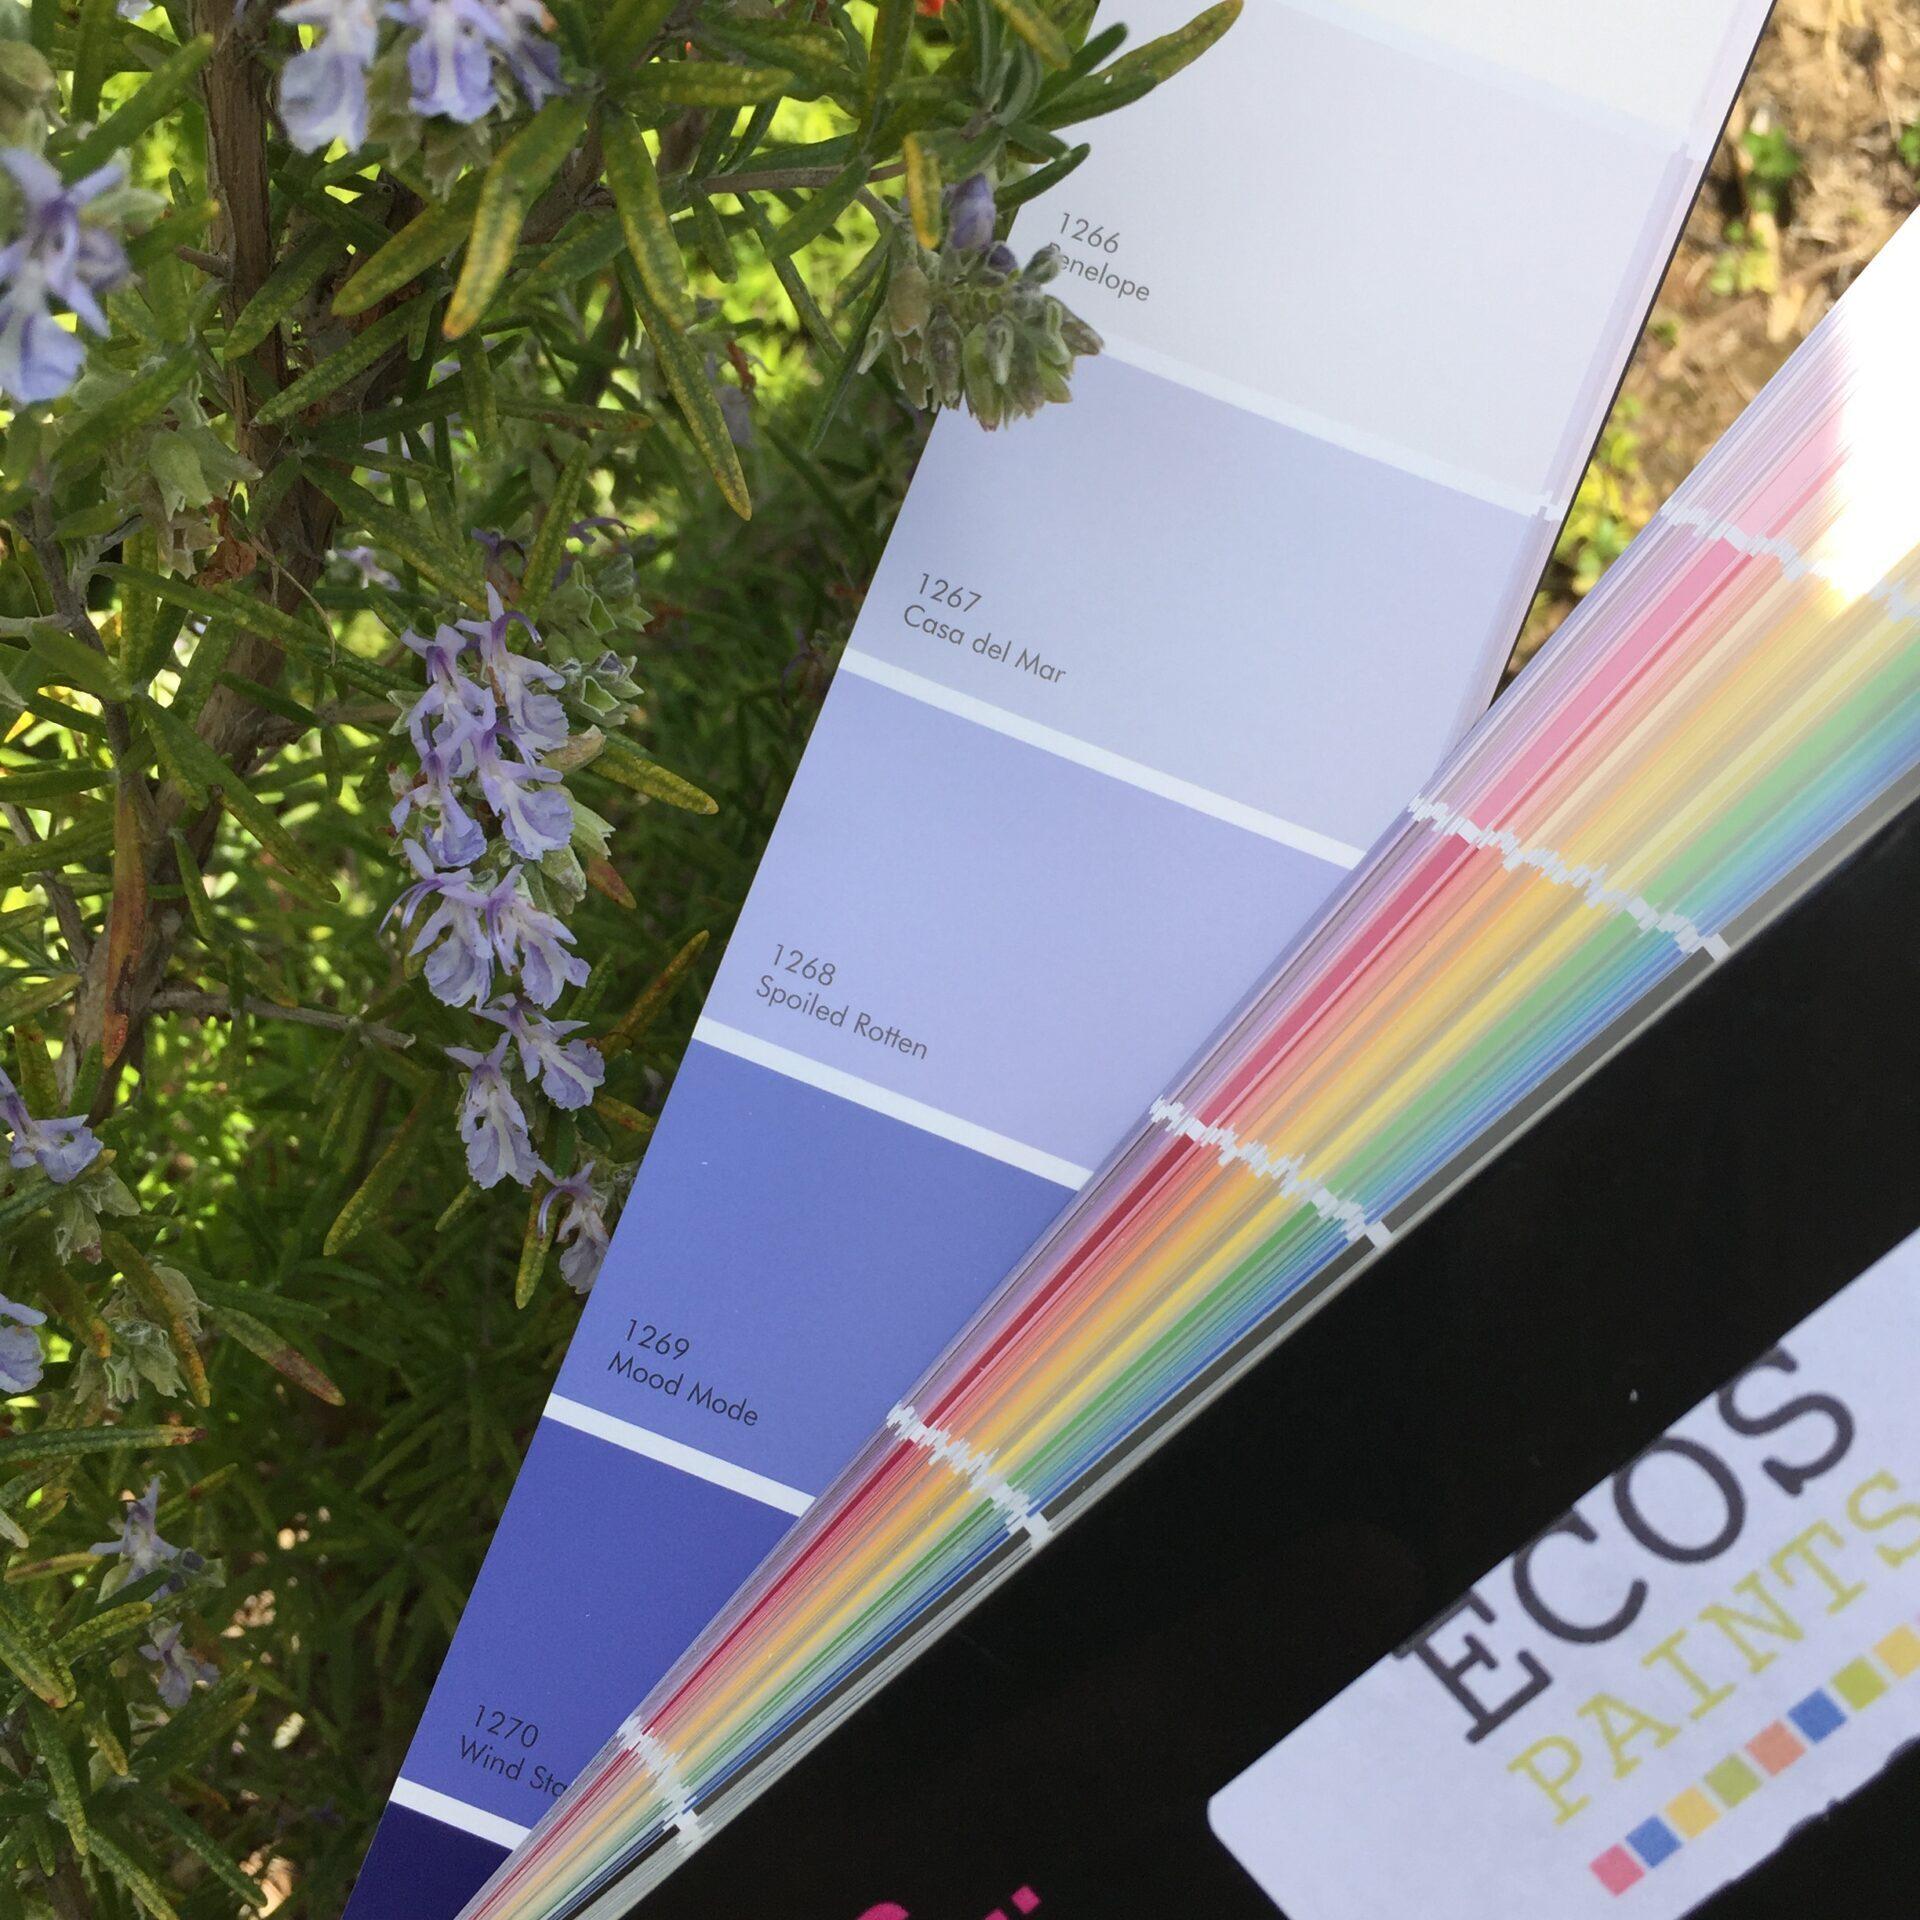 ECOS Paint color inspiration